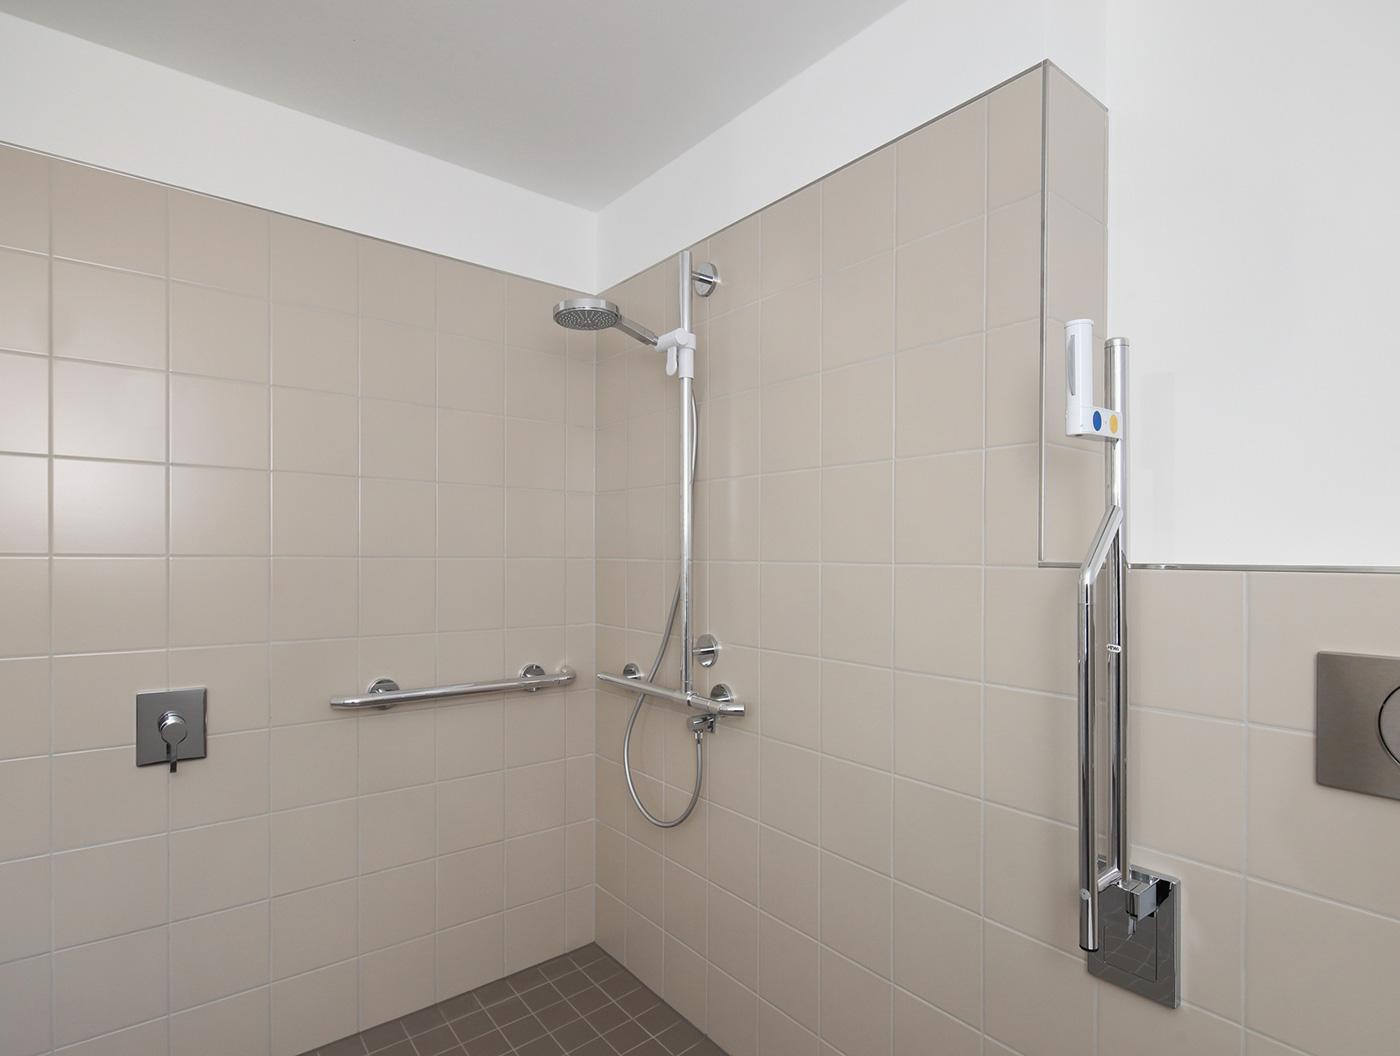 Full Size of Ebenerdige Dusche Kosten Bluetooth Lautsprecher Barrierefreie Küche Planen Kostenlos Bodengleiche Einbauen Unterputz Armatur Glaswand Badewanne Mit Anal Dusche Ebenerdige Dusche Kosten